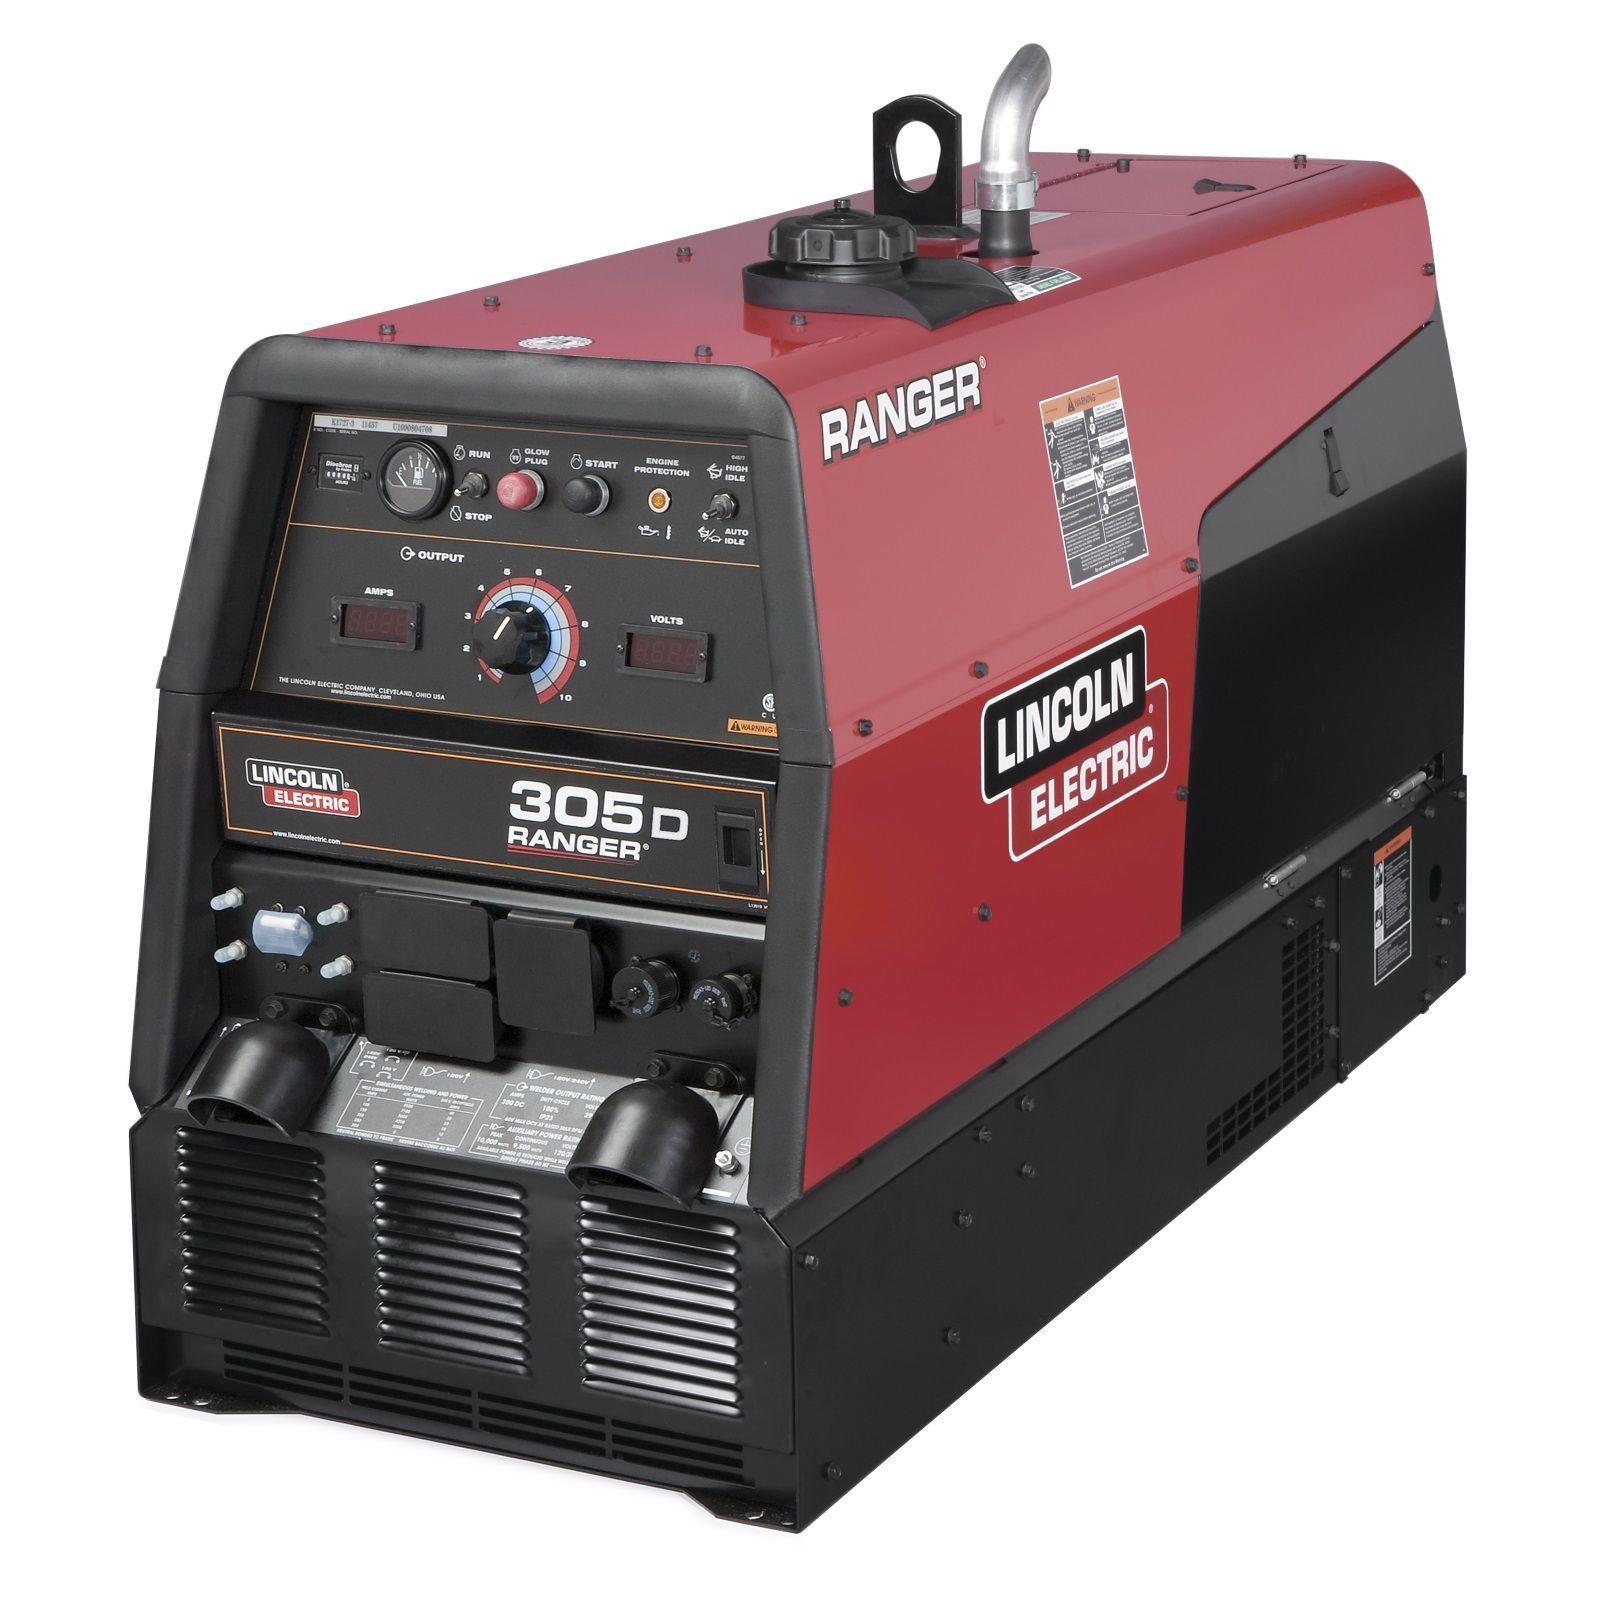 Lincoln Ranger 305d Welder Generator K1727 4 Welder Generator Welders Inverter Welder